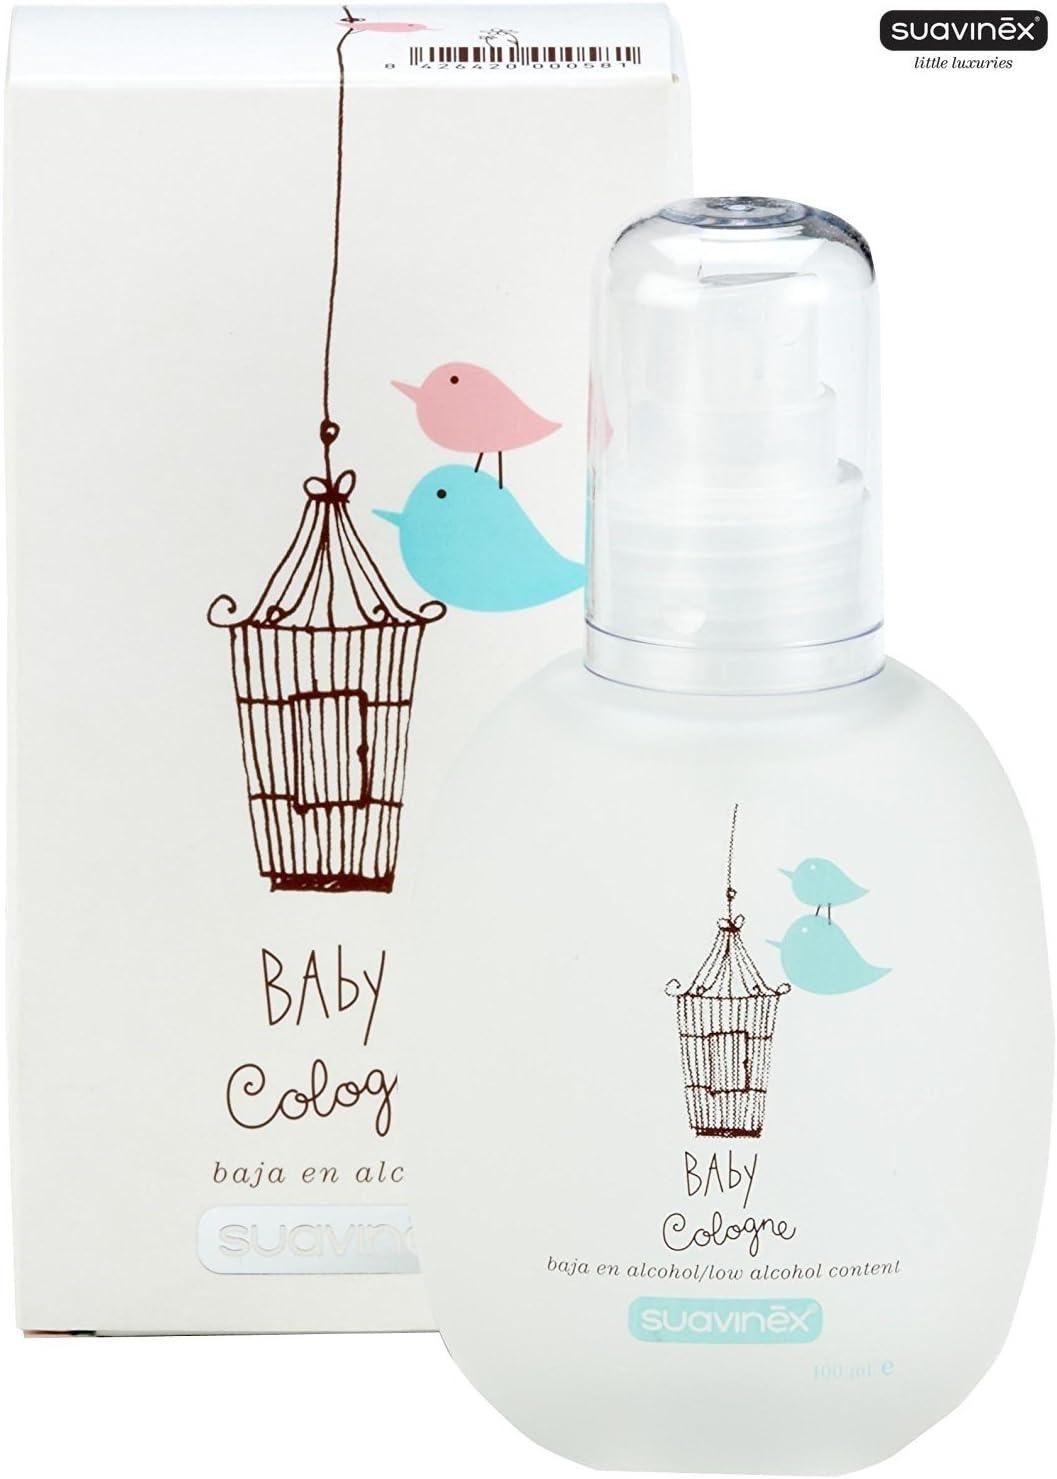 0/m Suavinex Eau D Parfum Baby Cologne Parfum N /° 3152340 //100/ml